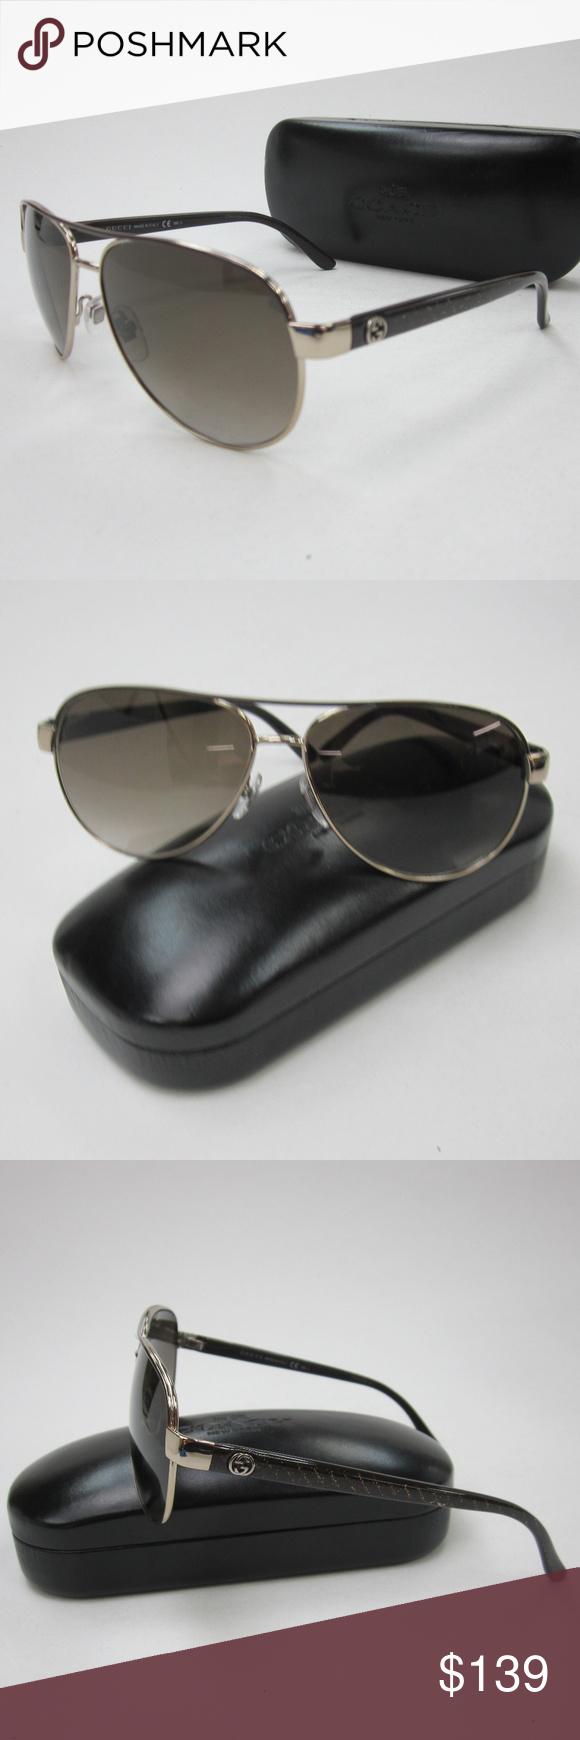 b09fbacc37289 Gucci GG 4239 S Aviator Sunglasses Italy OLN231 Gucci GG 4239 S ...